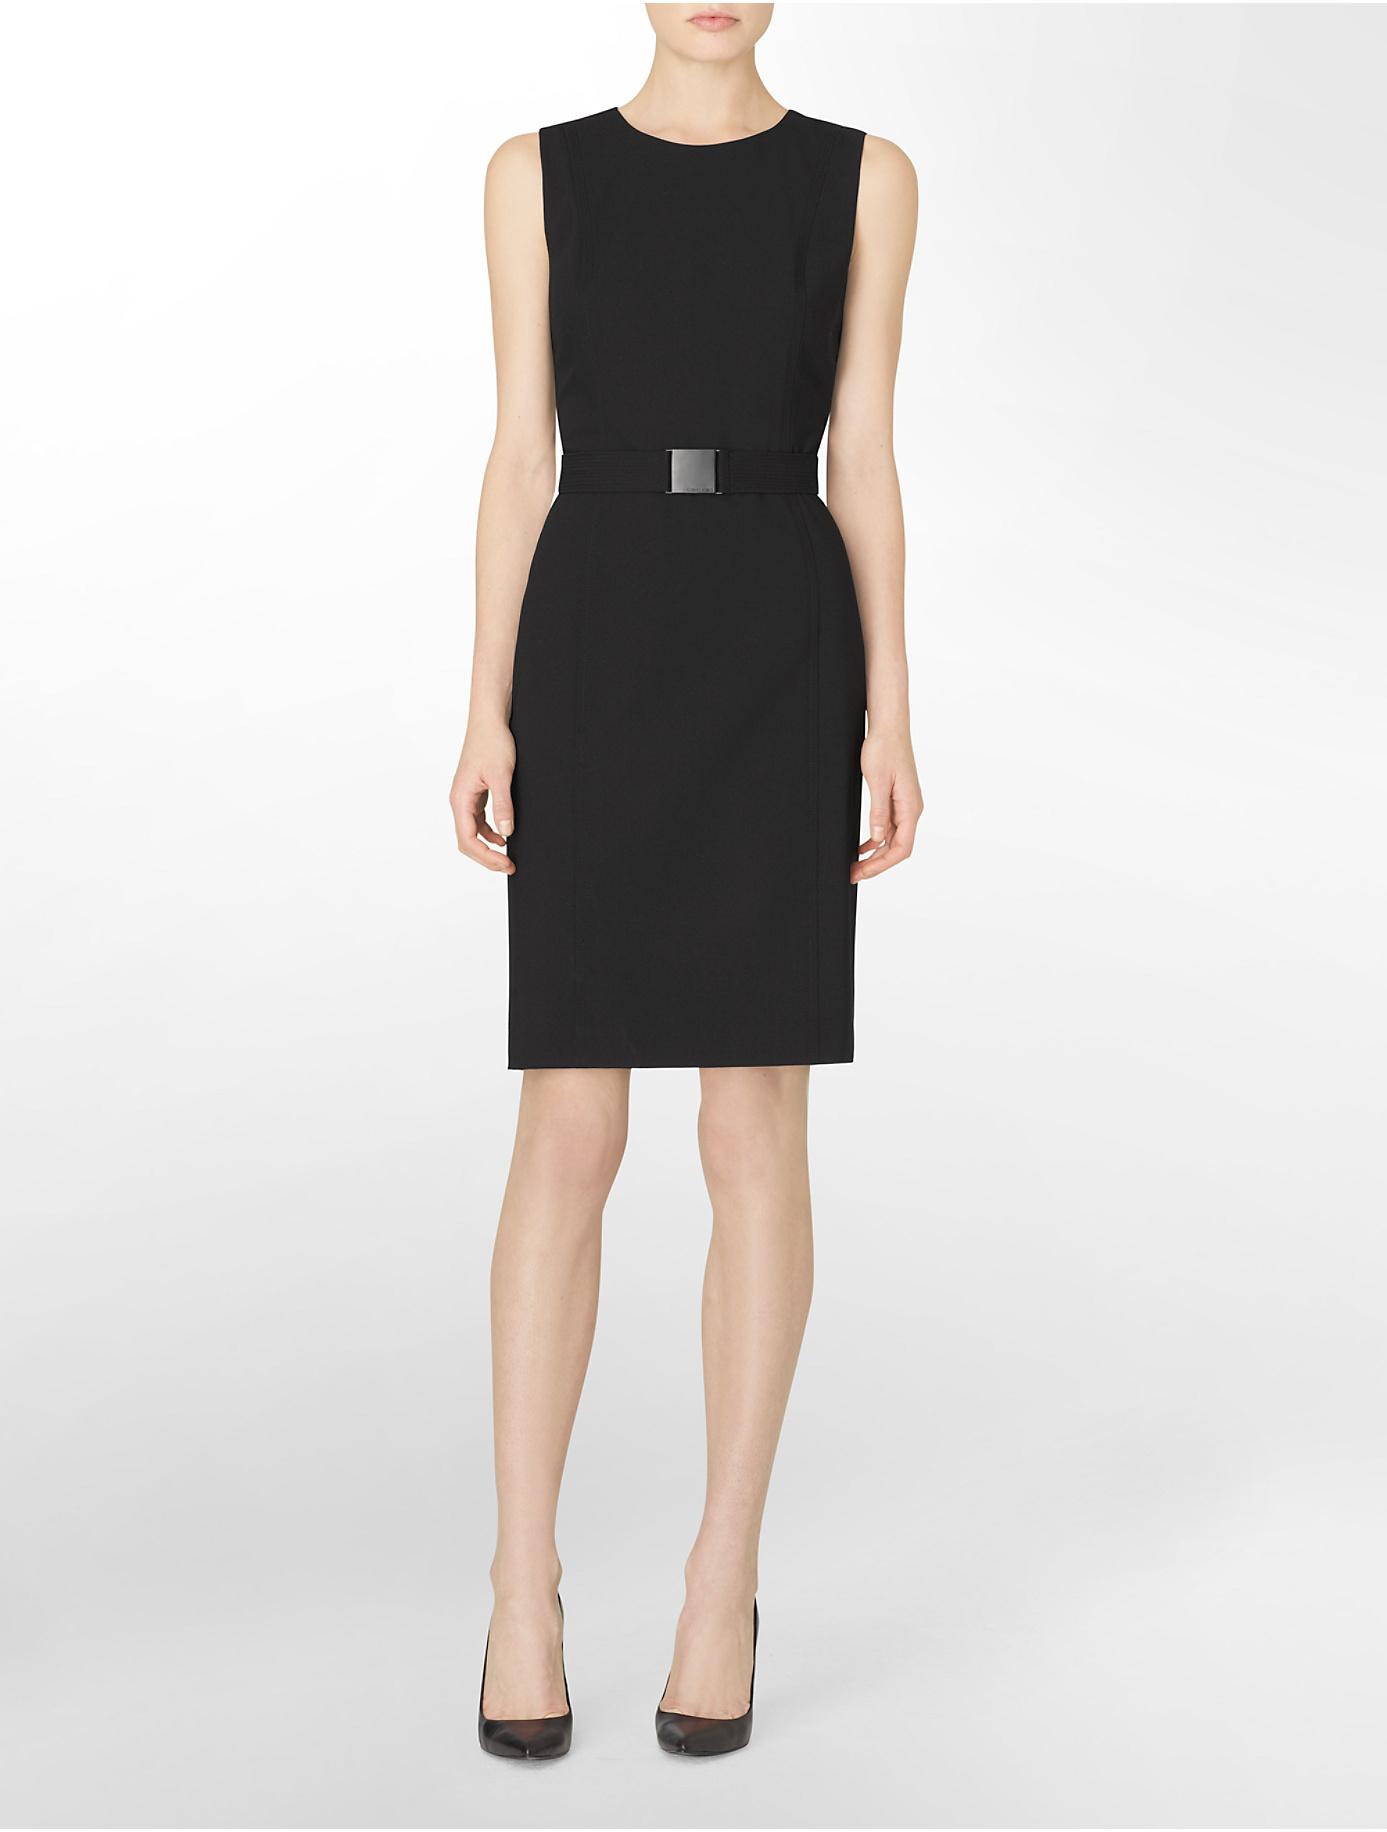 Женское платье Calvin Klein 14612544 河马文化 入学早准备学前班教材全套·轻松学拼音2